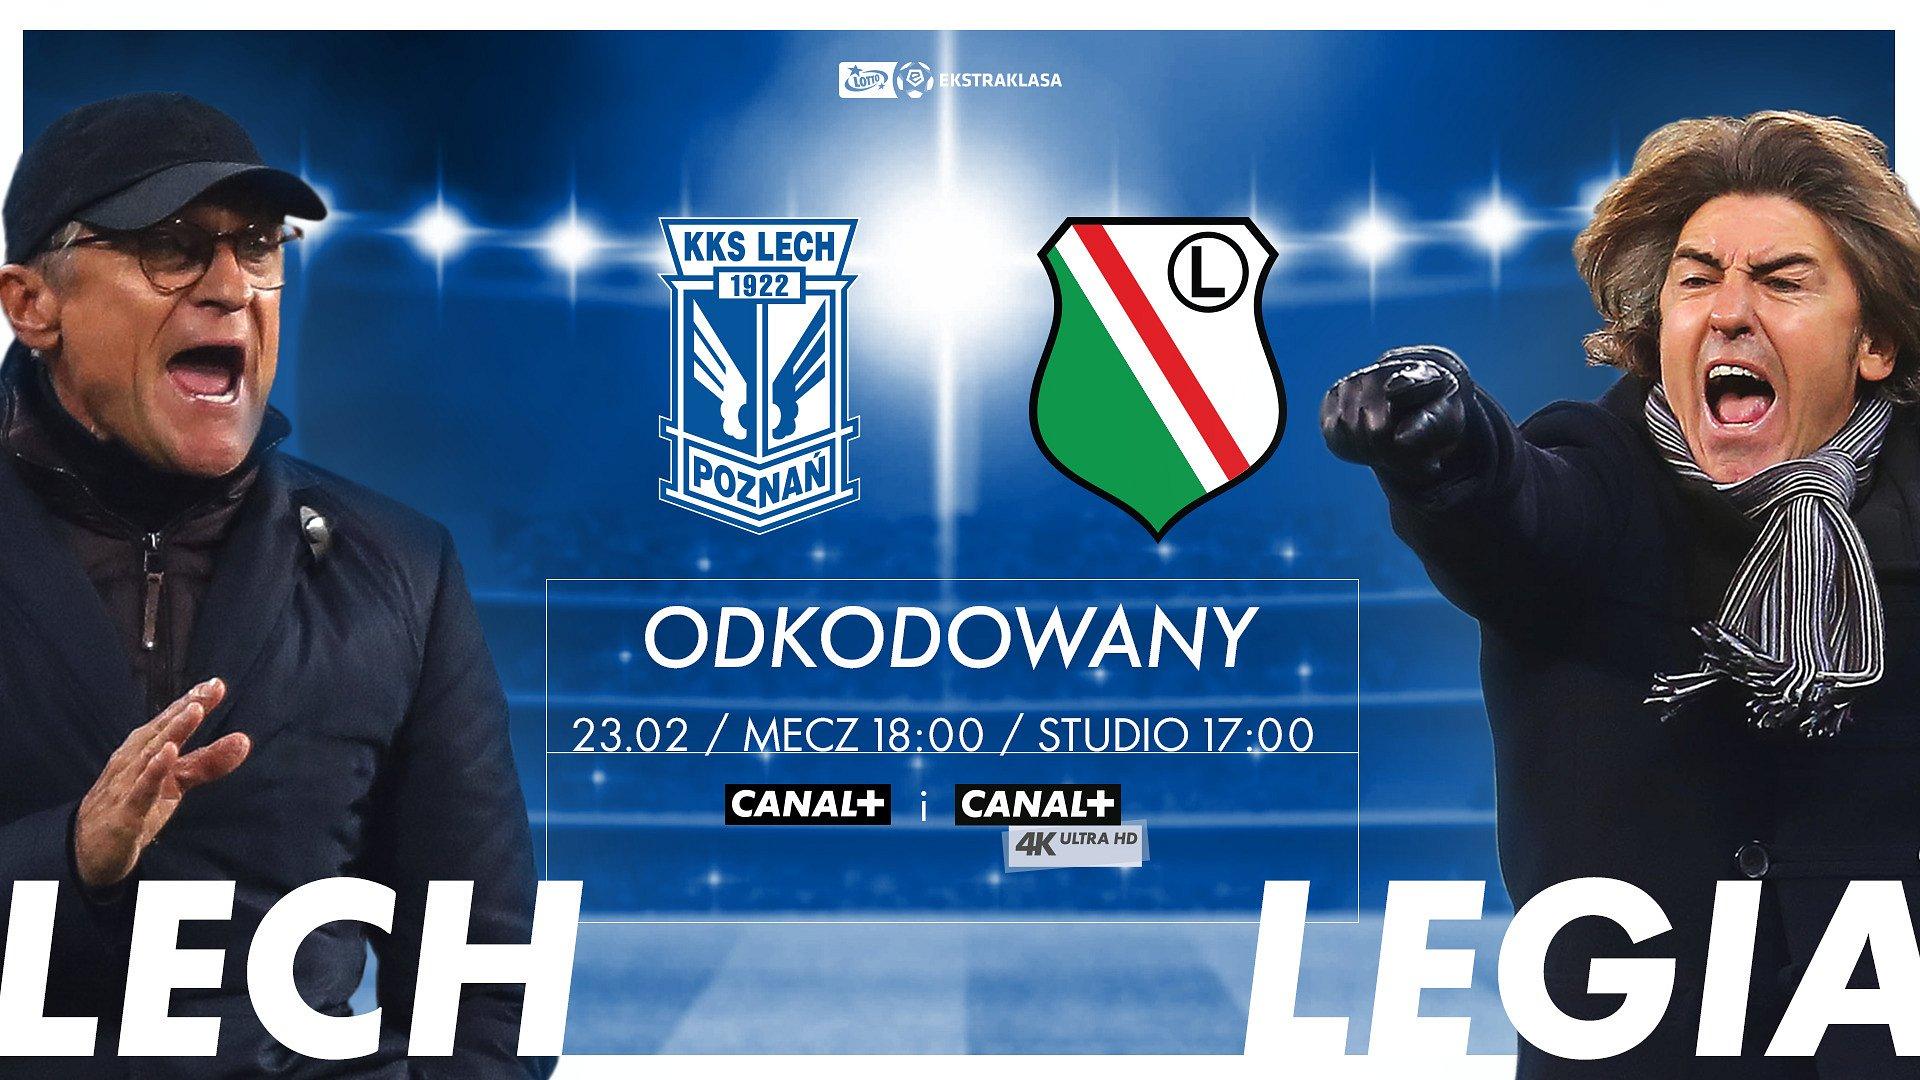 Mecz Lech Poznań - Legia Warszawa odkodowany w CANAL+